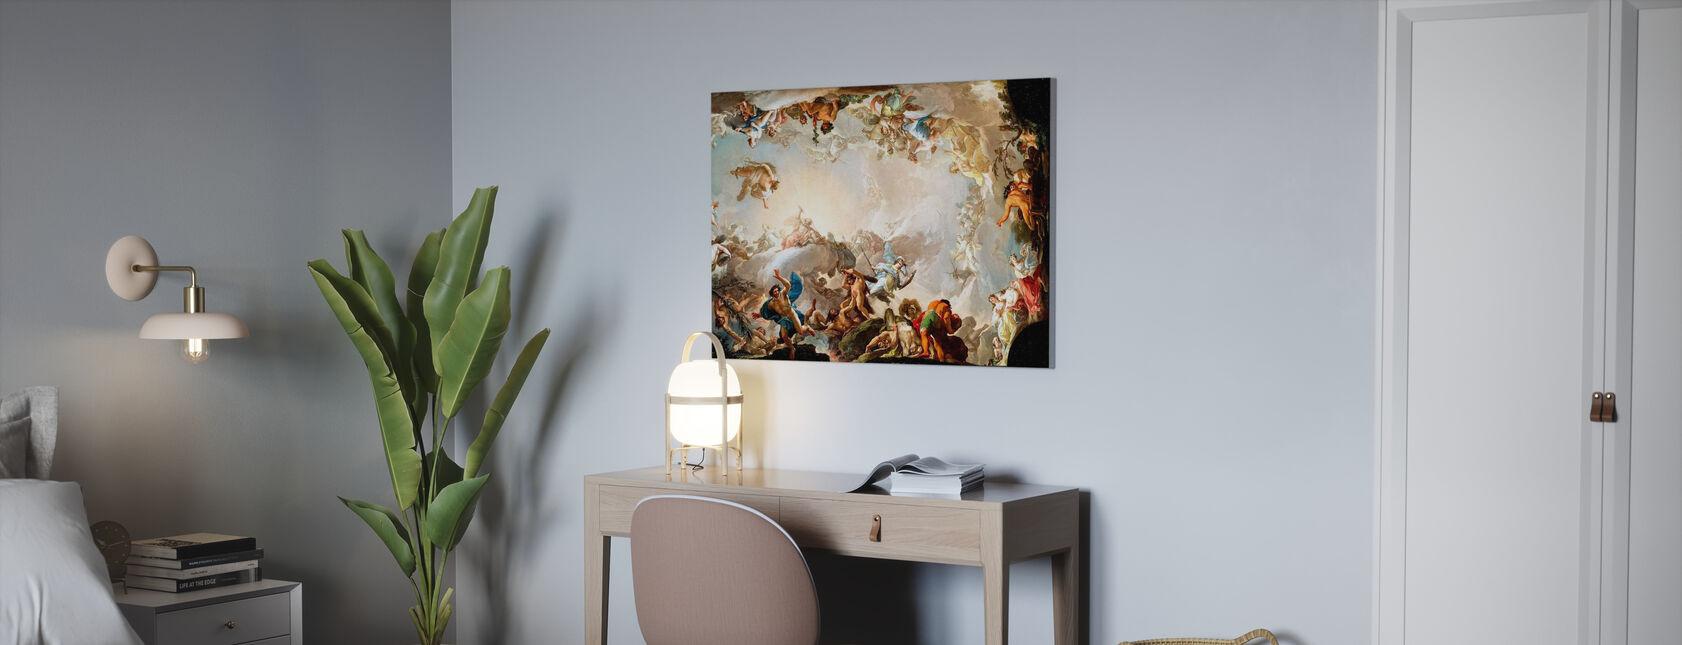 Cercle Renaissance - Impression sur toile - Bureau